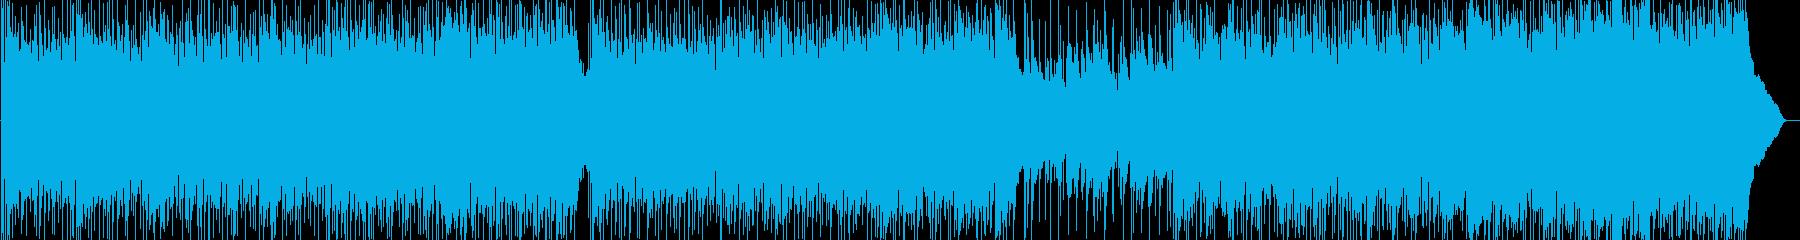 昼下がりをイメージしたリラックスポップスの再生済みの波形